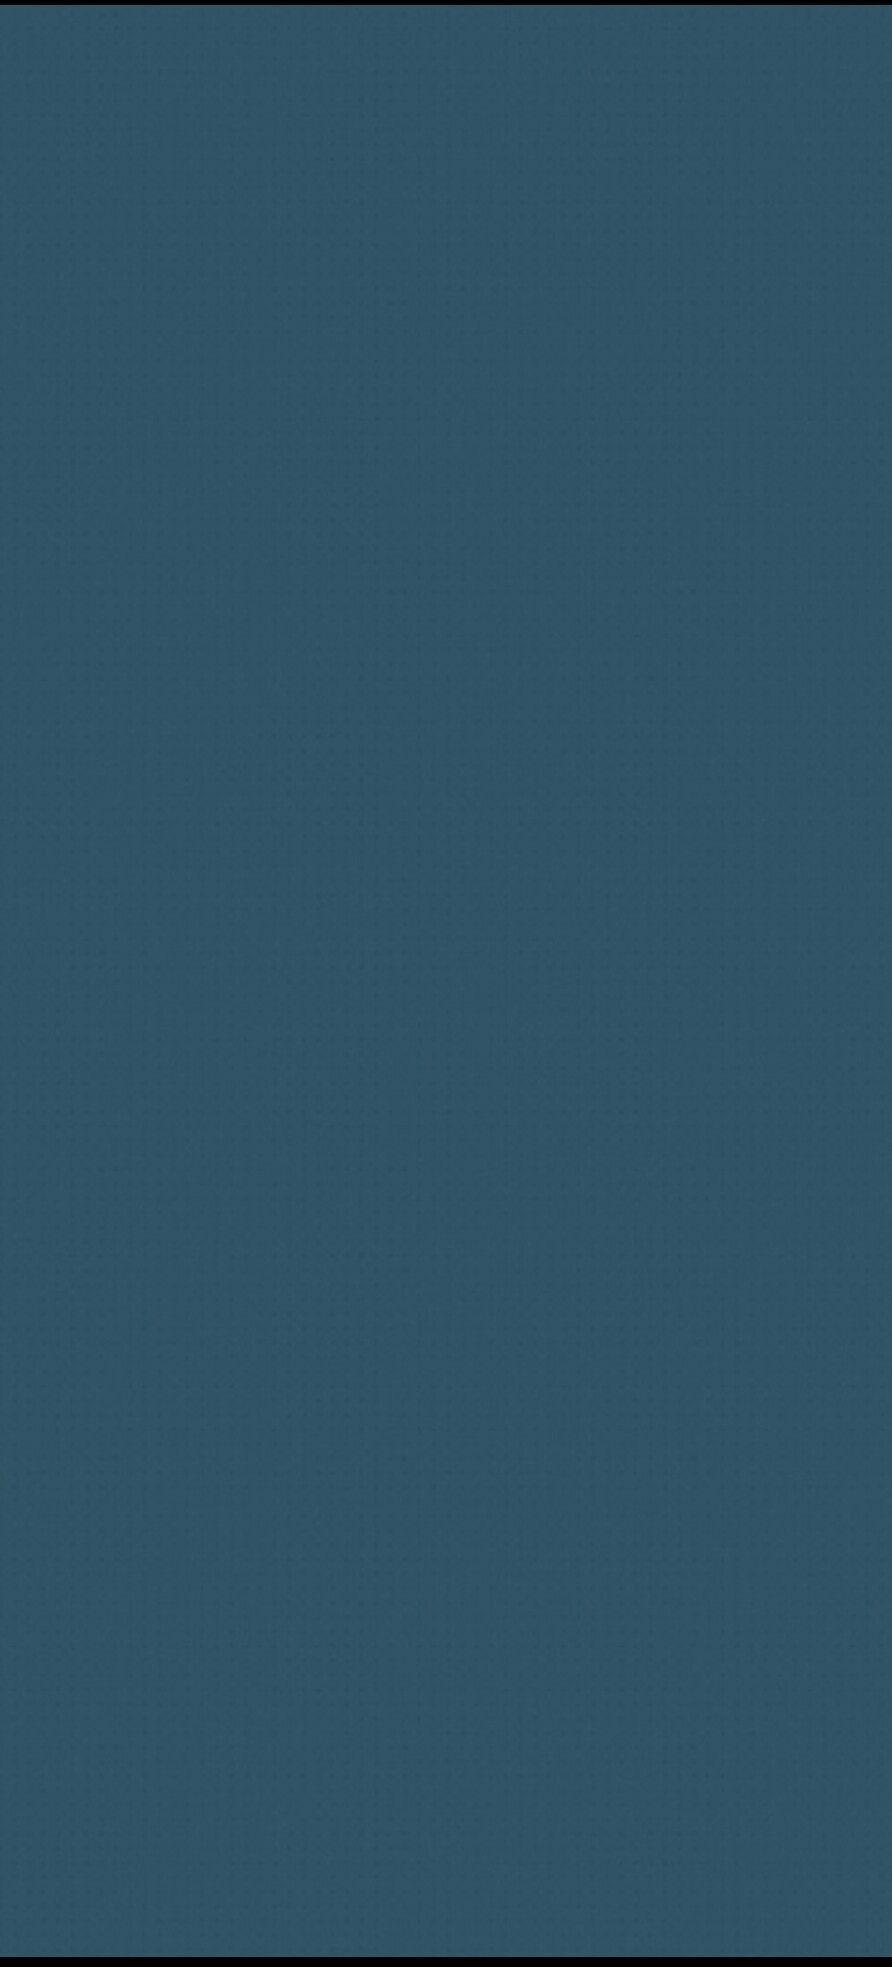 892x1967 Nền xanh lam trơn.  Hình nền năm 2019. Phòng khách